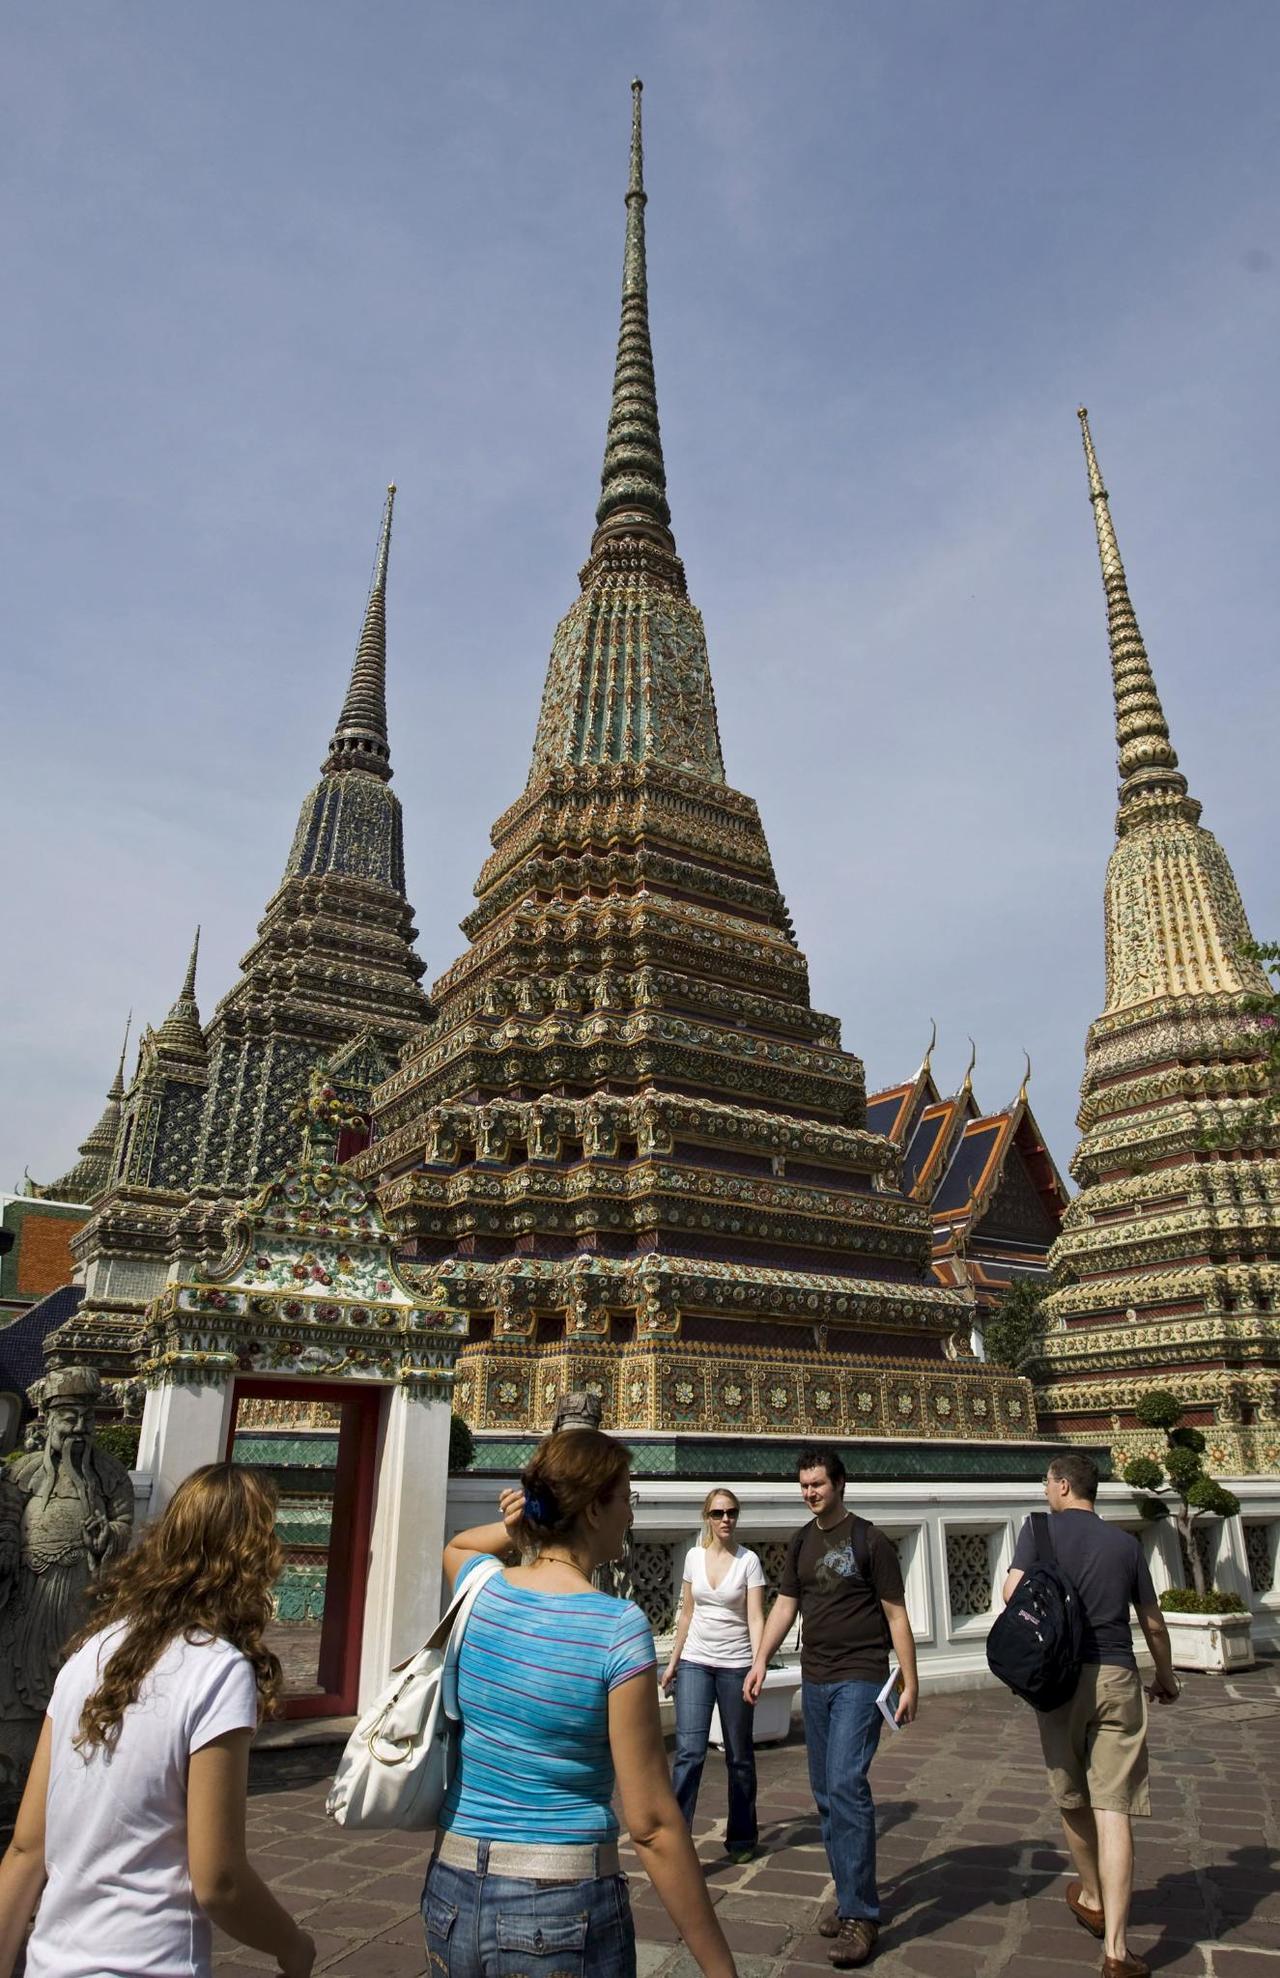 泰國曼谷臥佛寺(Wat Pho),上月把參觀費用調高一倍,漲到每人200泰銖(6...